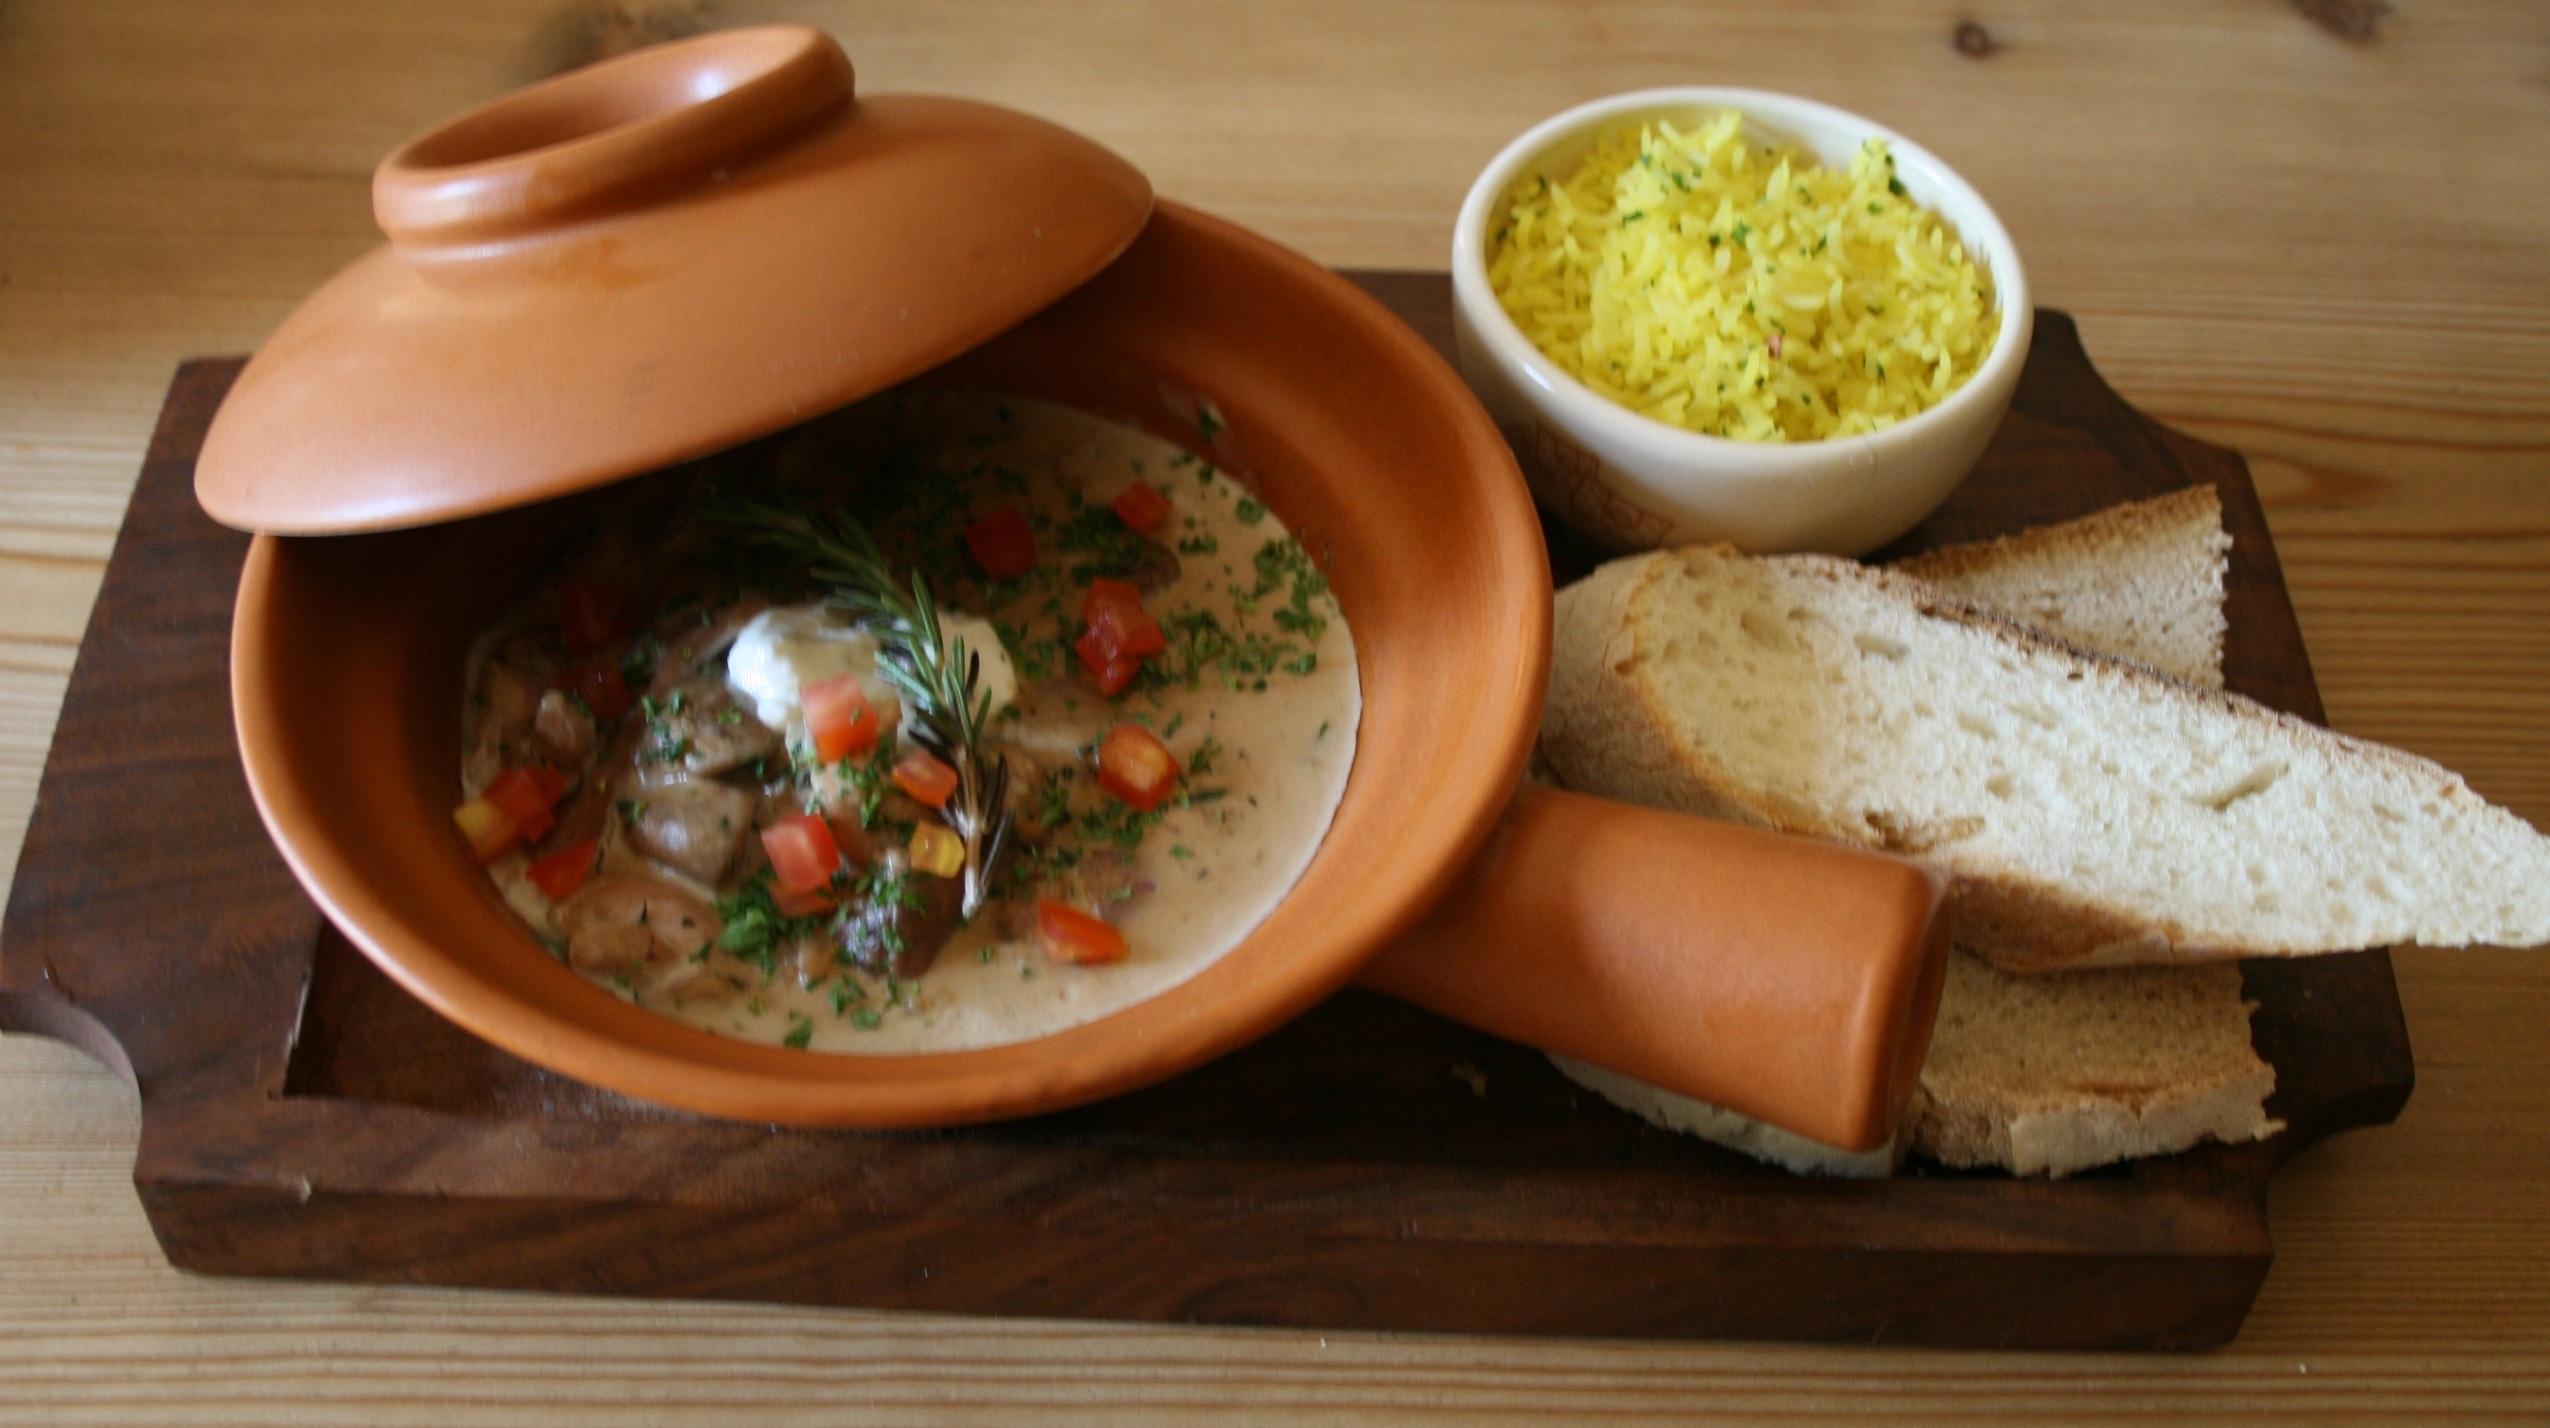 5 Vegetable stroganoff with saffron rice